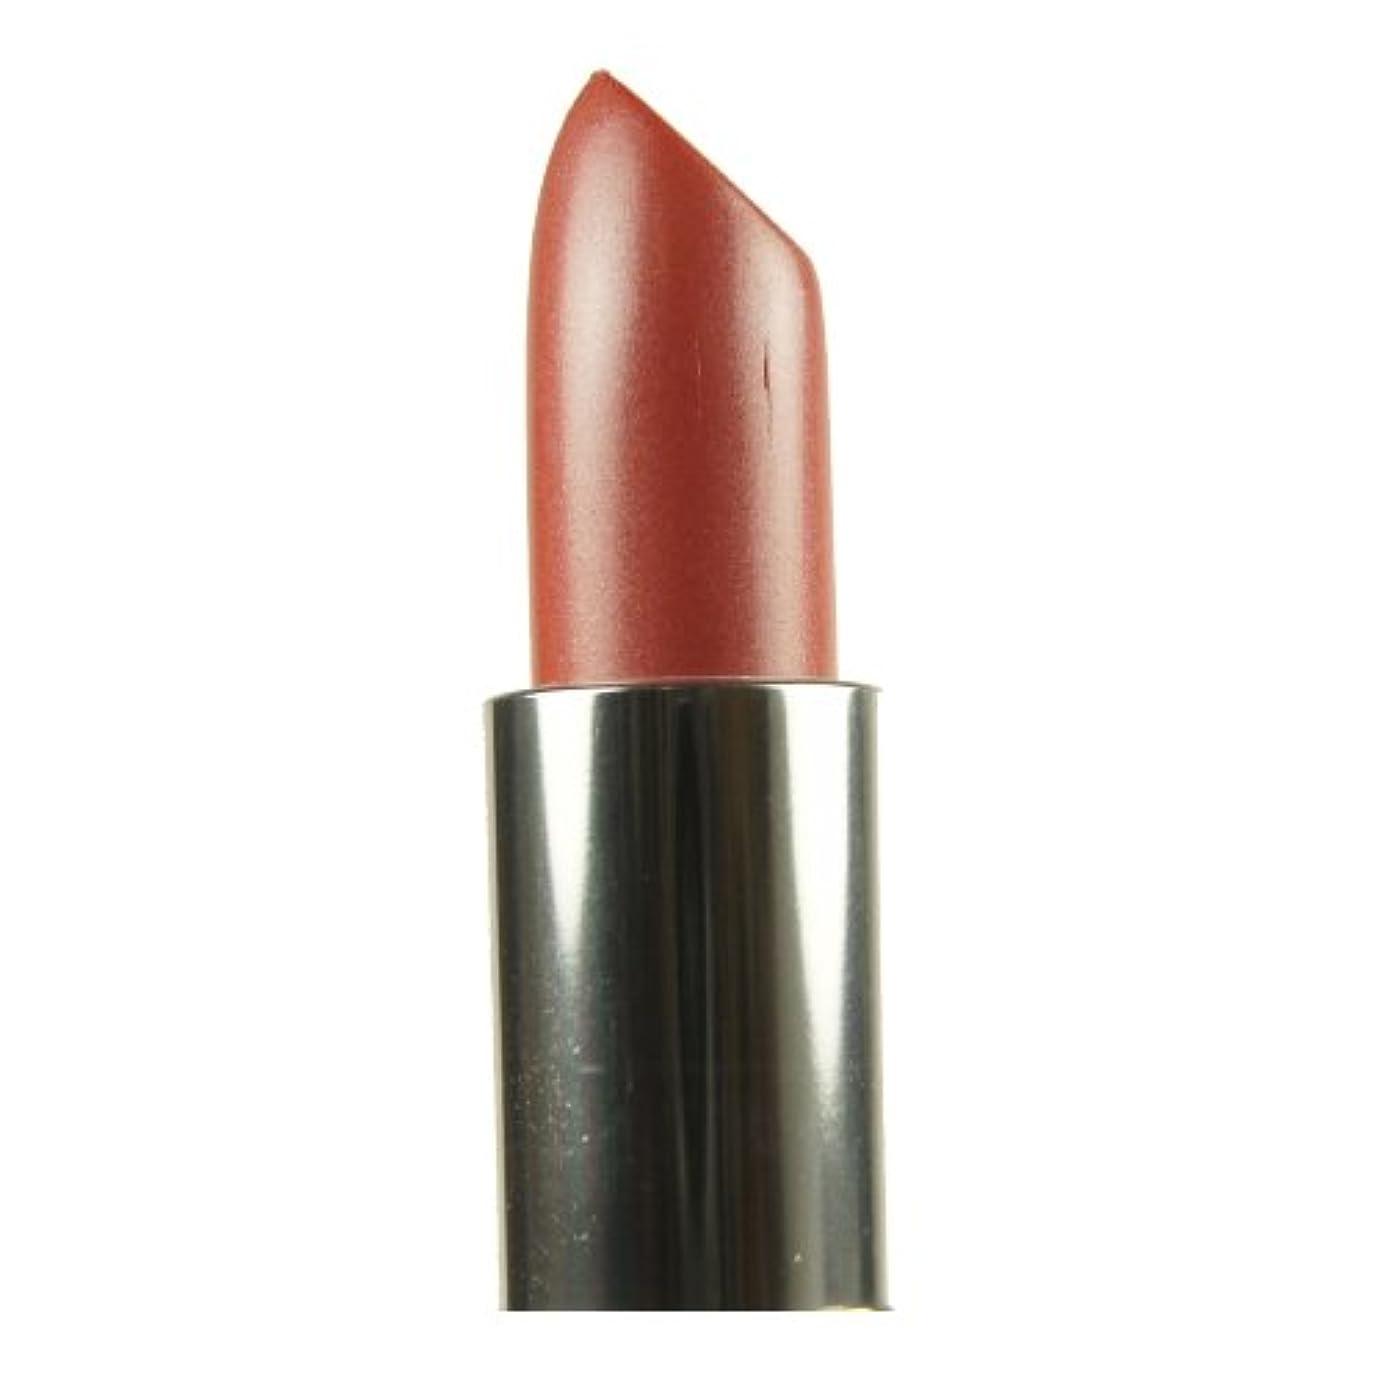 複雑な自然公園振動させるRIMMEL LONDON Lasting Finish Intense Wear Lipstick - Heather Shimmer (並行輸入品)